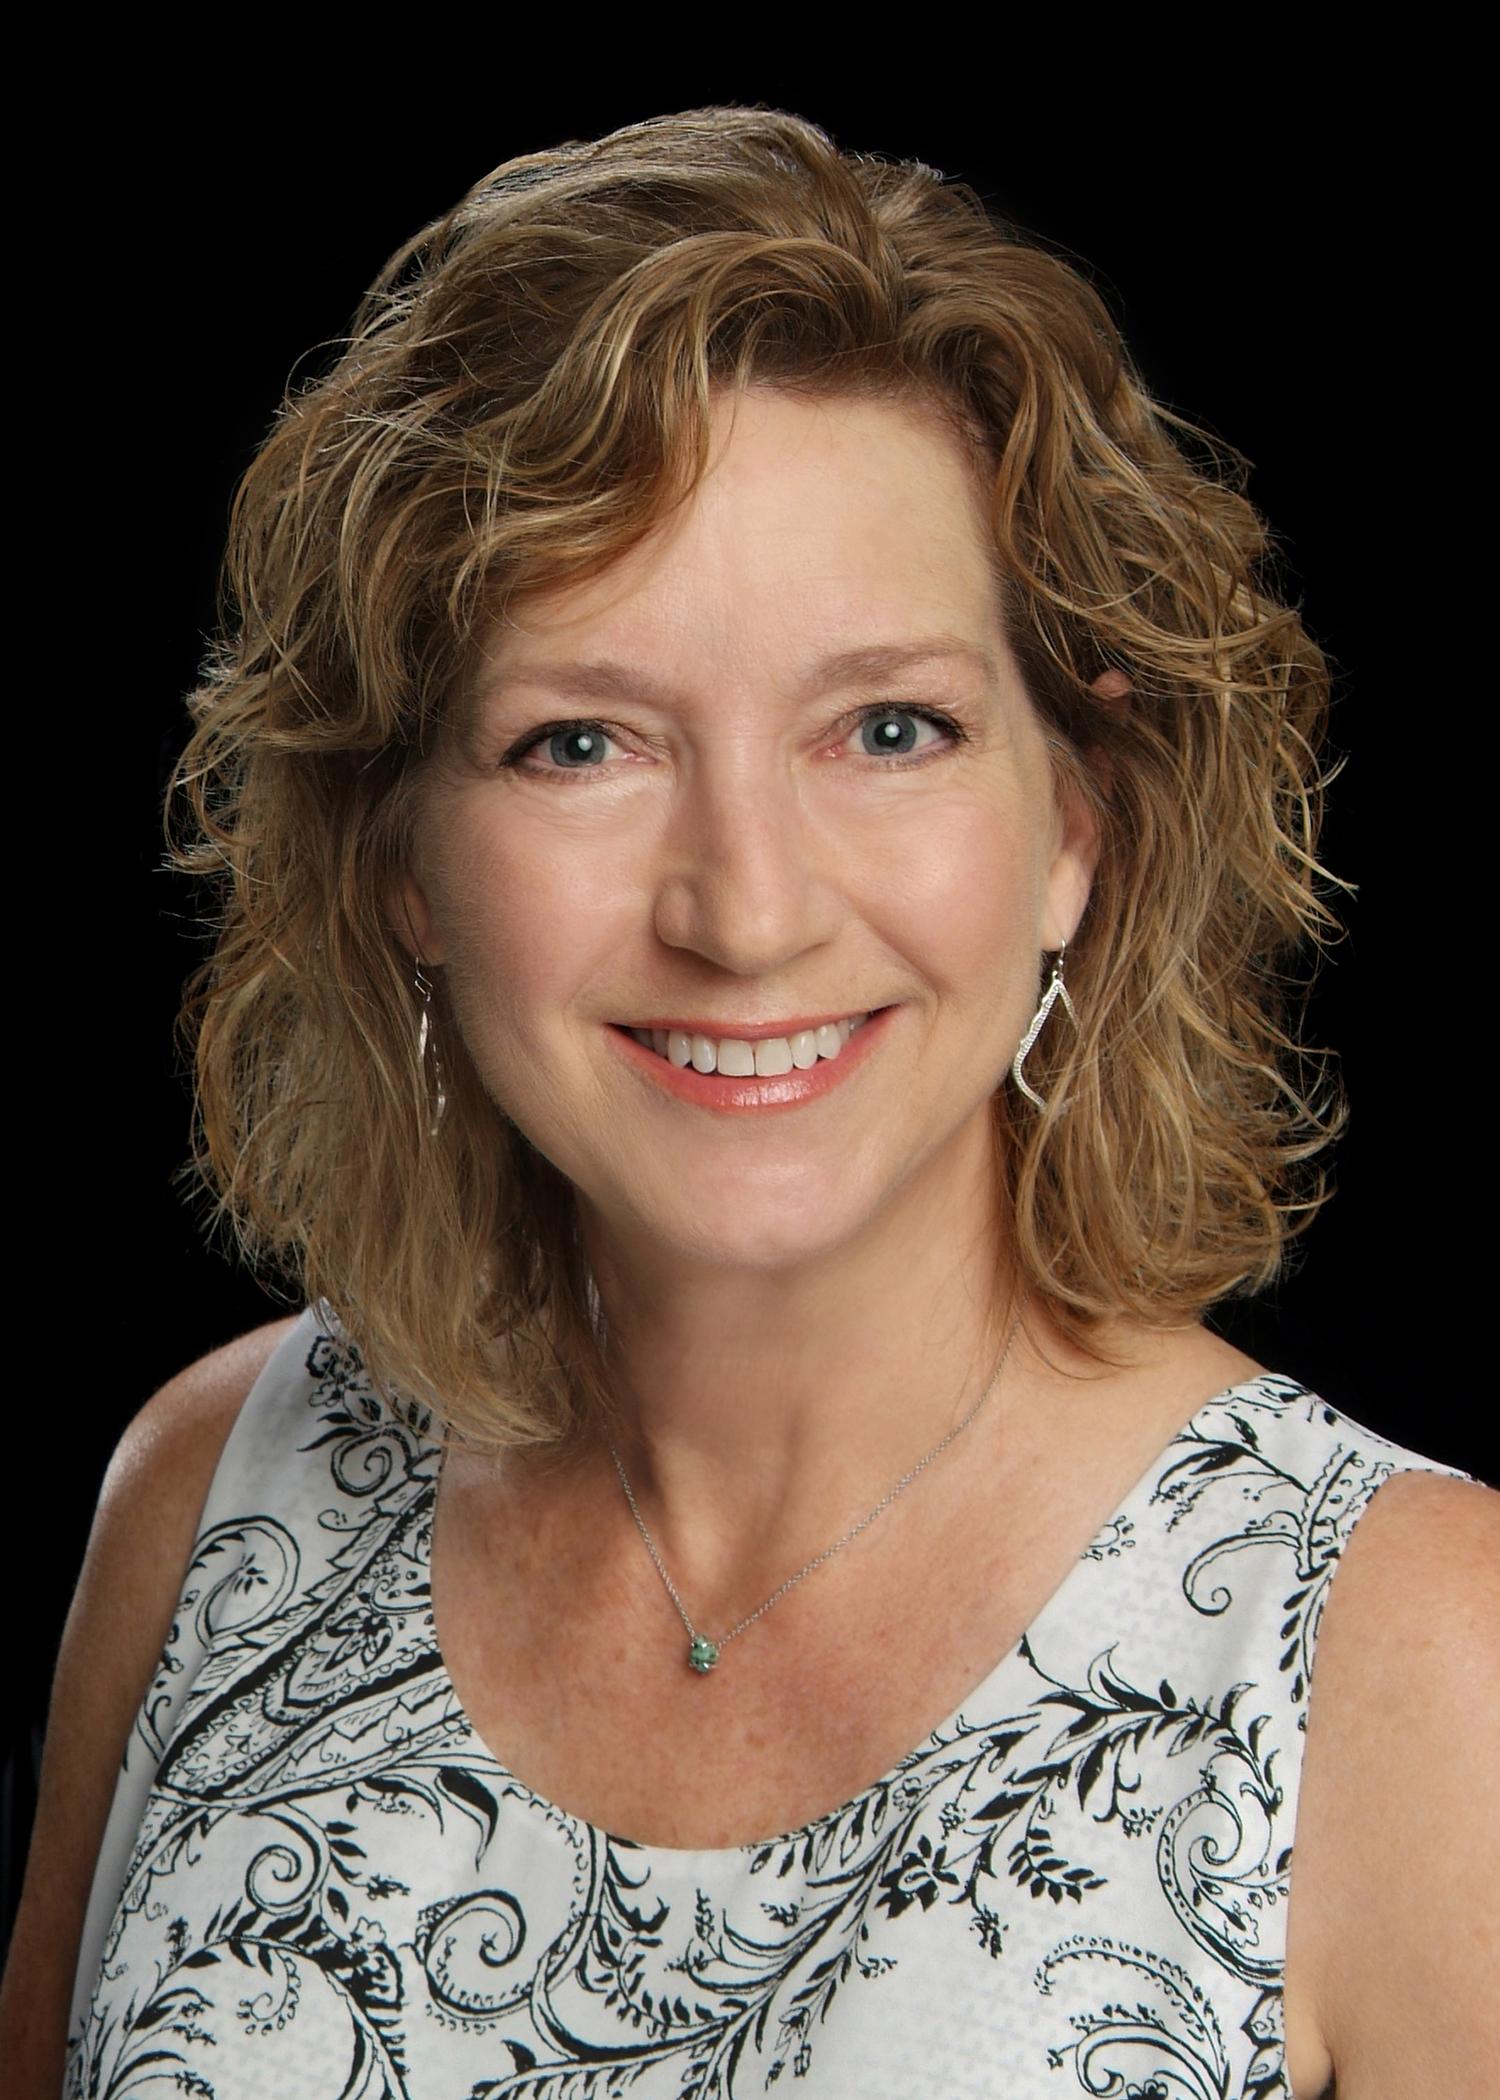 Tammy J. Nall